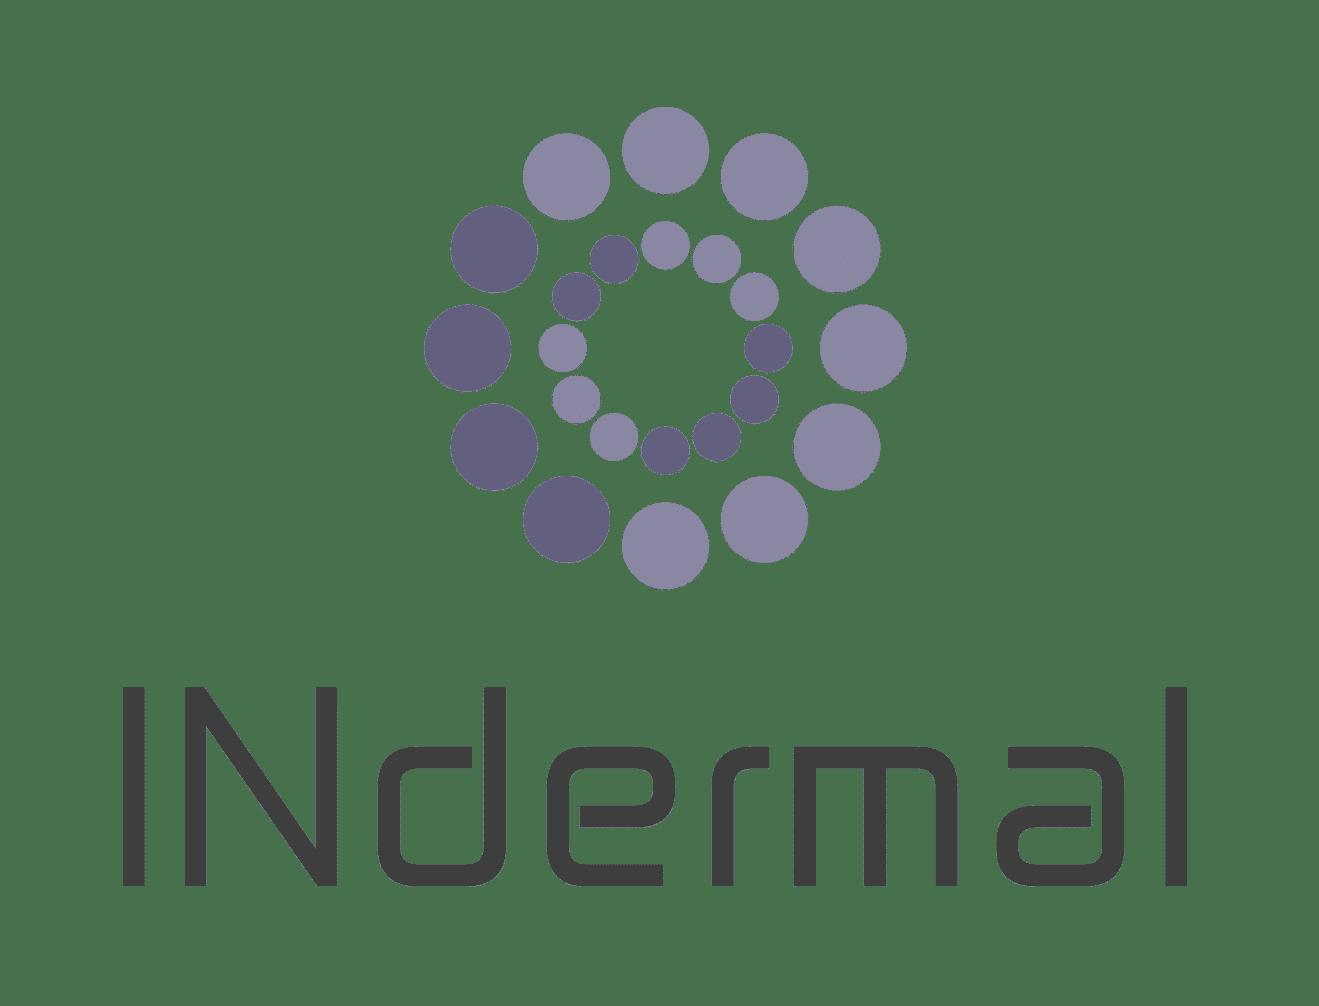 Logotipo de INdermal